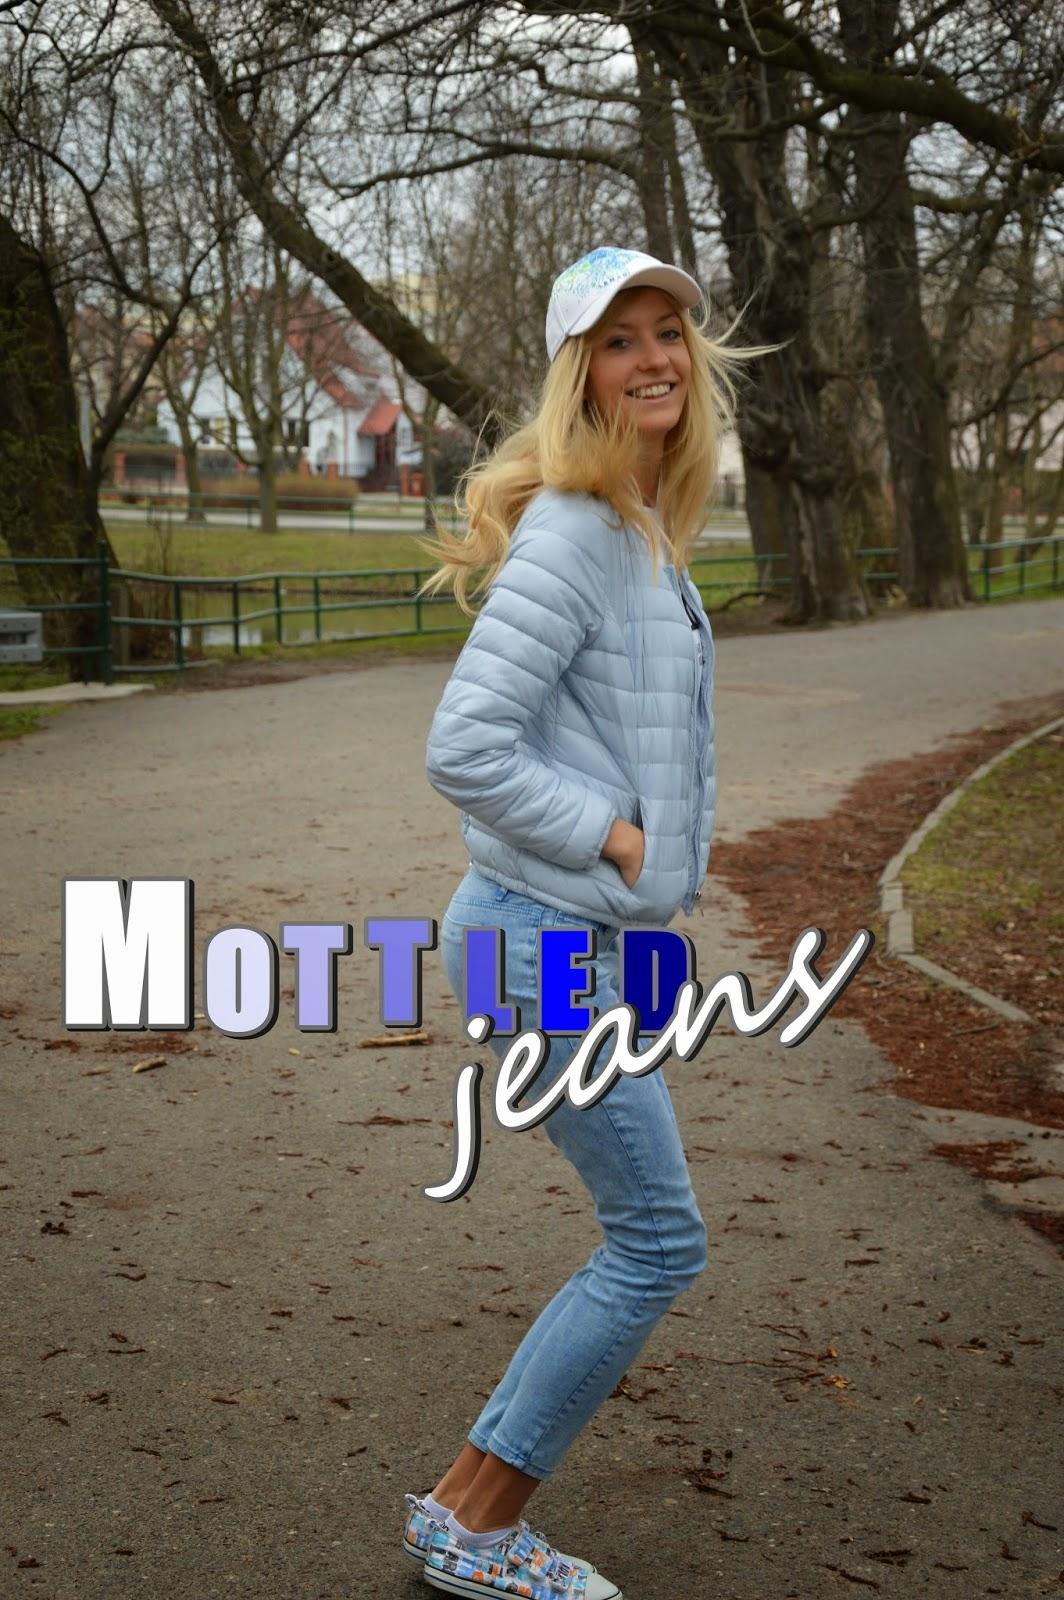 Mottled jeans